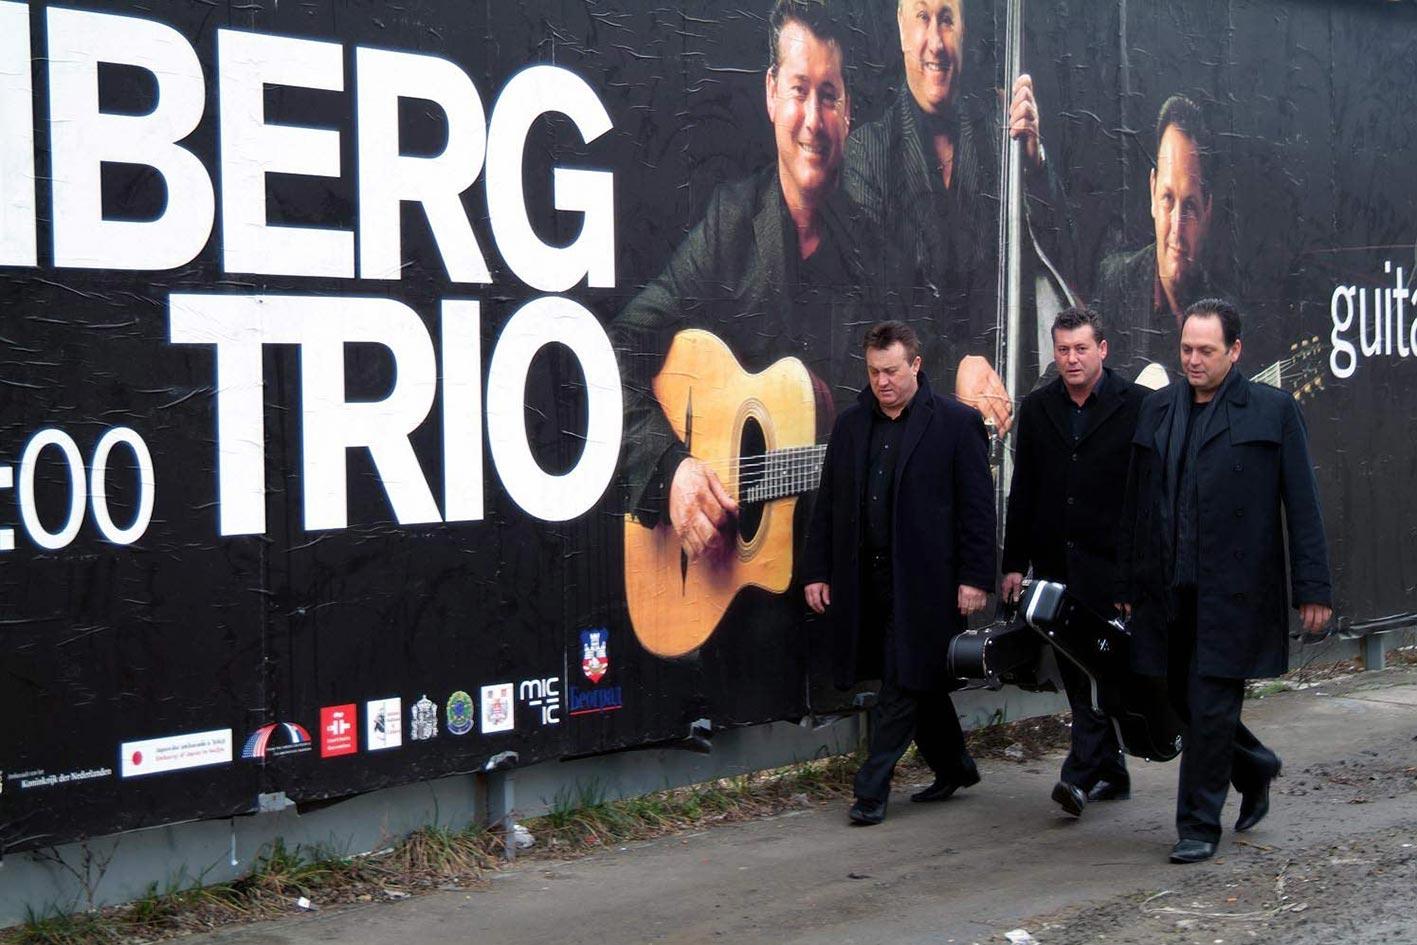 The Rosenberg trio website